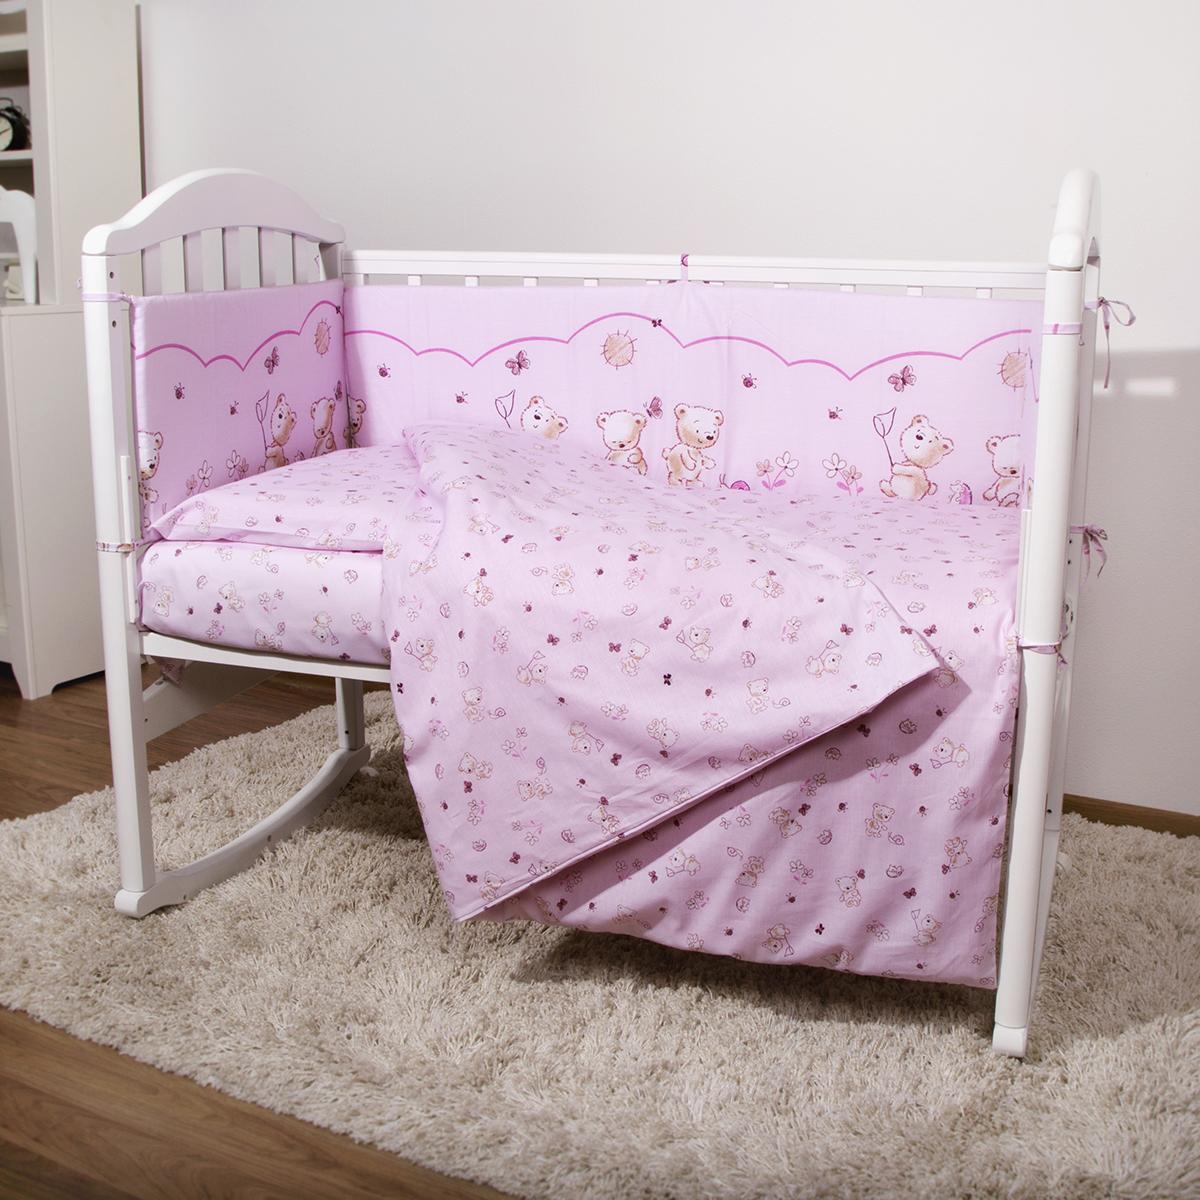 Baby Nice Детский комплект в кроватку Мишки (КПБ, бязь, наволочка 40х60), цвет: розовыйН613-05Комплект в кроватку Baby Nice Мишки для самых маленьких изготовлен только из самой качественной ткани, самой безопасной и гигиеничной, самой экологичной и гипоаллергенной. Отлично подходит для кроваток малышей, которые часто двигаются во сне. Хлопковое волокно прекрасно переносит стирку, быстро сохнет и не требует особого ухода, не линяет и не вытягивается. Ткань прошла специальную обработку по умягчению, что сделало её невероятно мягкой и приятной к телу. Комплект создаст дополнительный комфорт и уют ребенку. Родителям не составит особого труда ухаживать за комплектом. Он превосходно стирается, легко гладится. Ваш малыш будет в восторге от такого необыкновенного постельного набора! В комплект входит: одеяло, пододеяльник, подушка, наволочка, простынь, 4 борта.